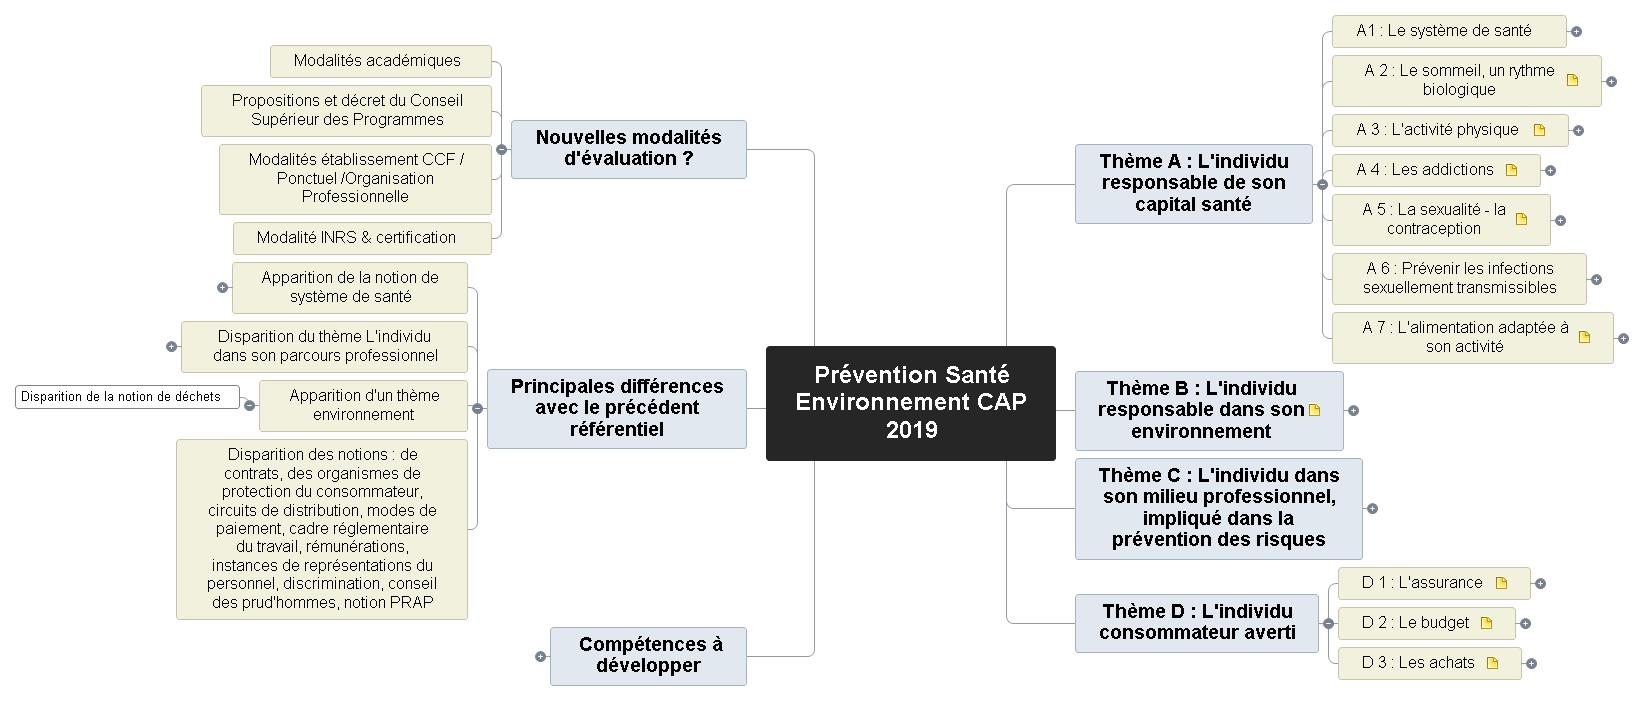 Prévention Santé Environnement - CAP 2019 Mind Maps